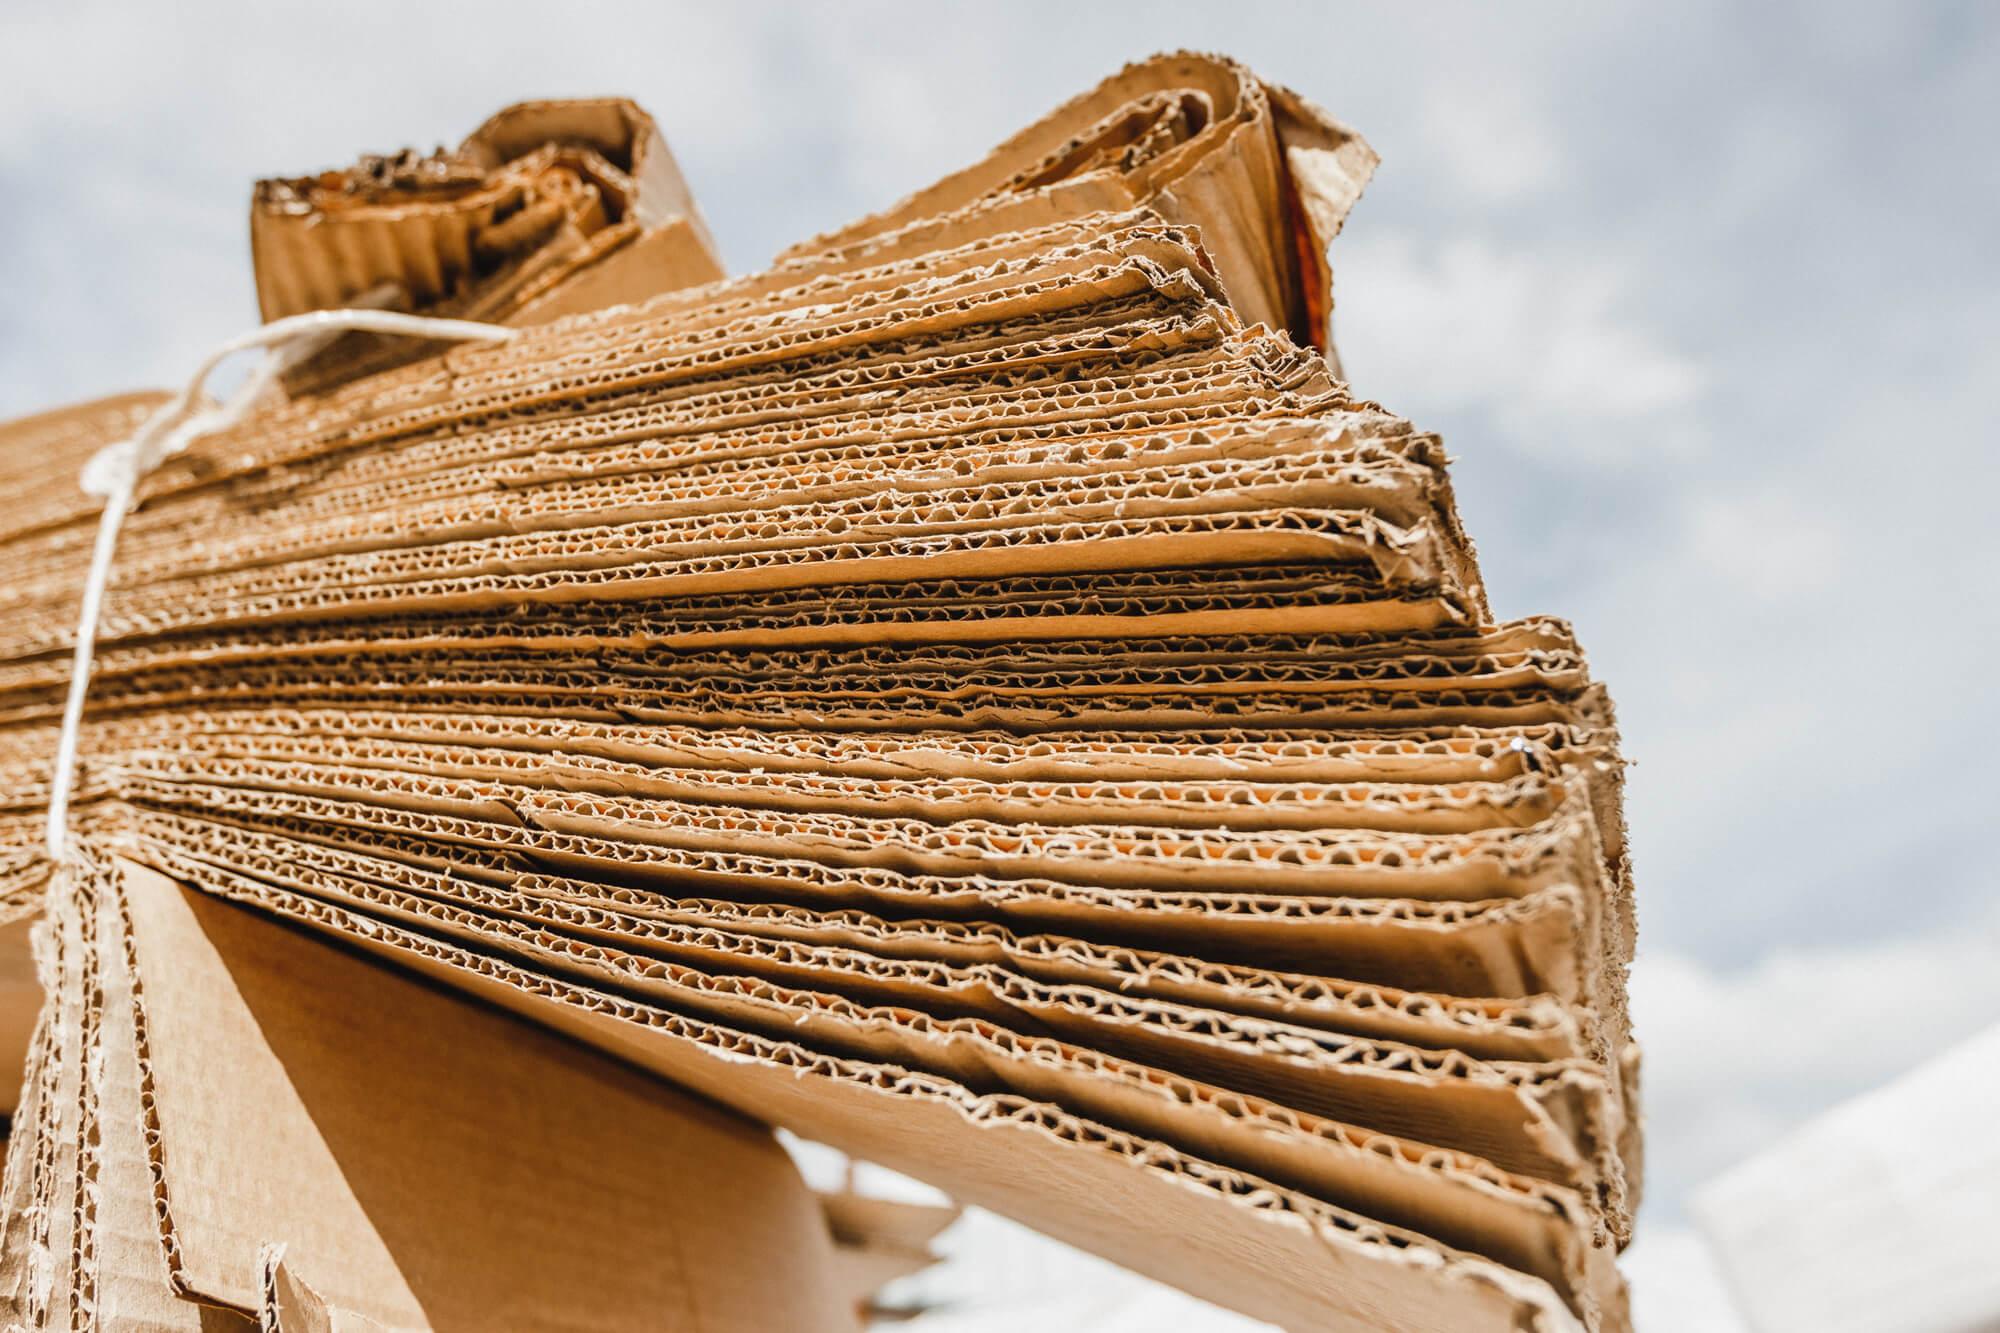 Прием картона макулатуры продать картон на макулатуру